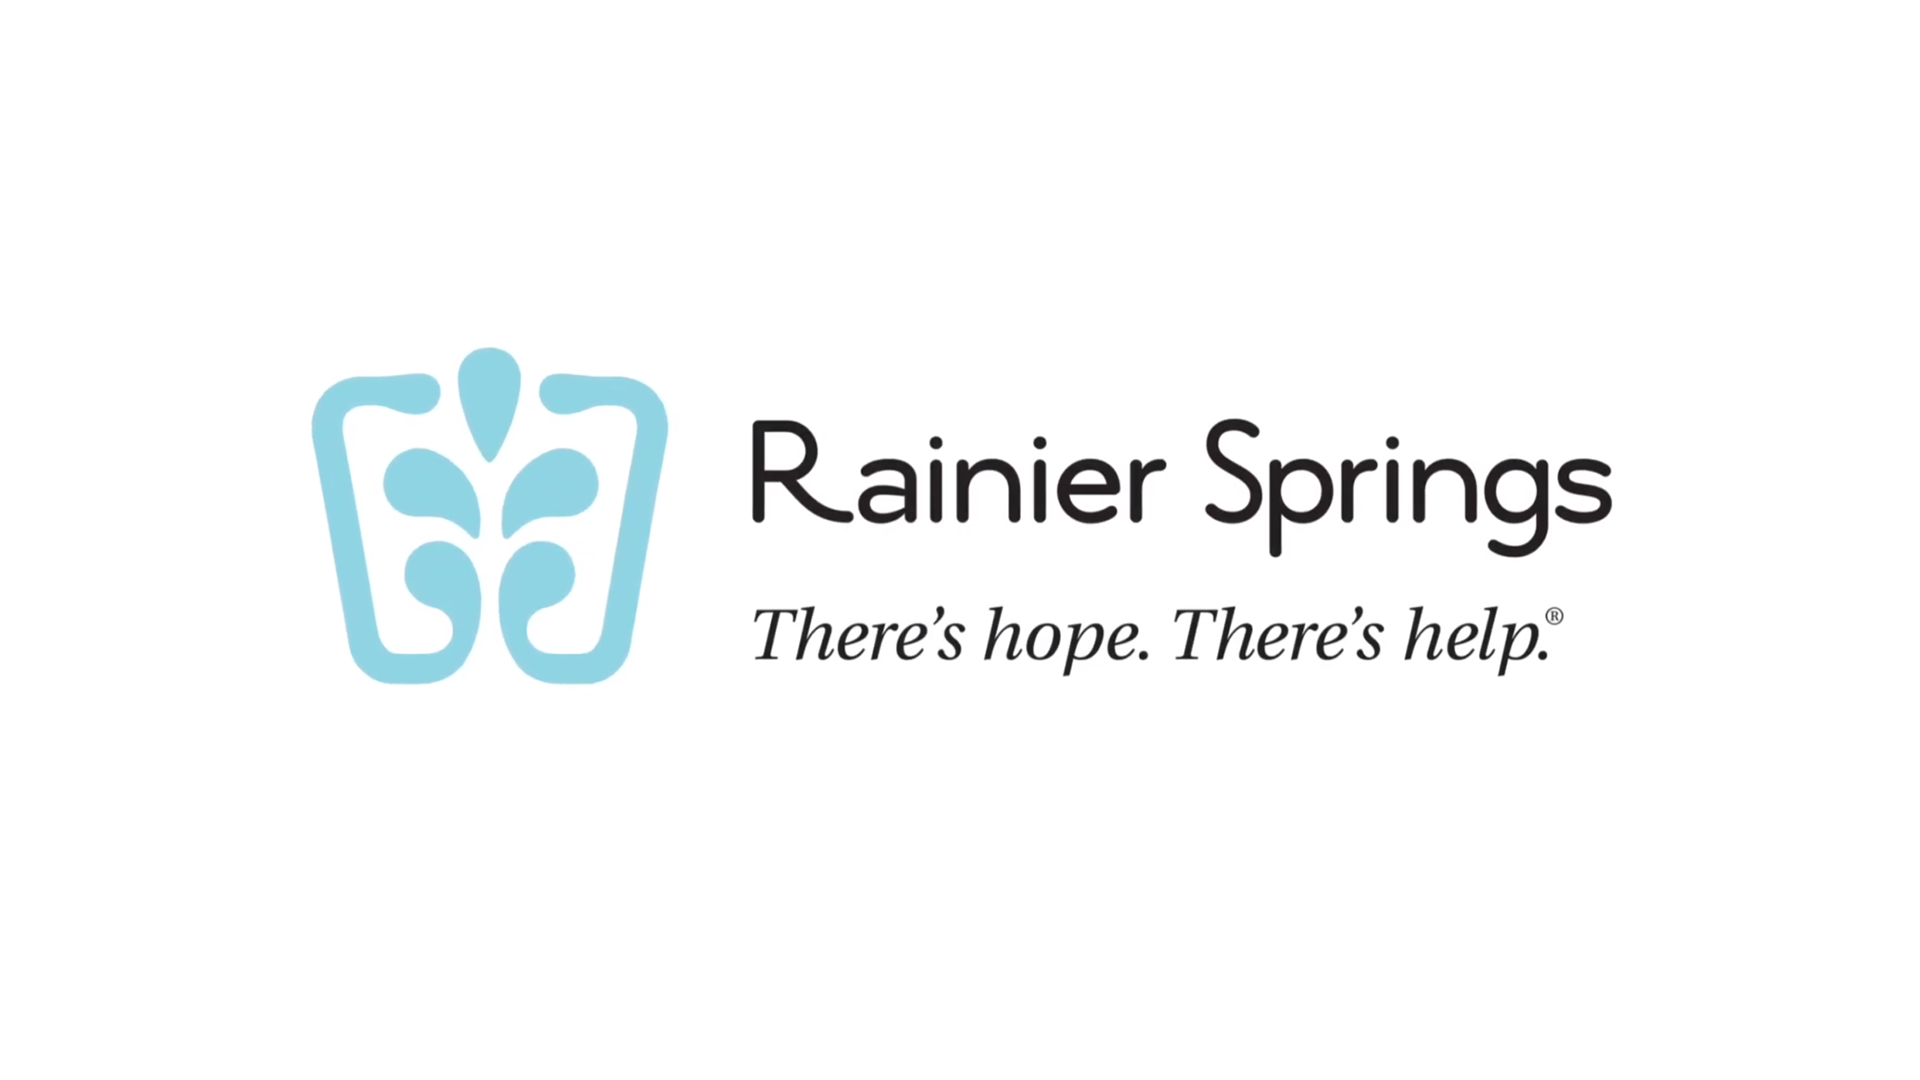 Rainier Springs